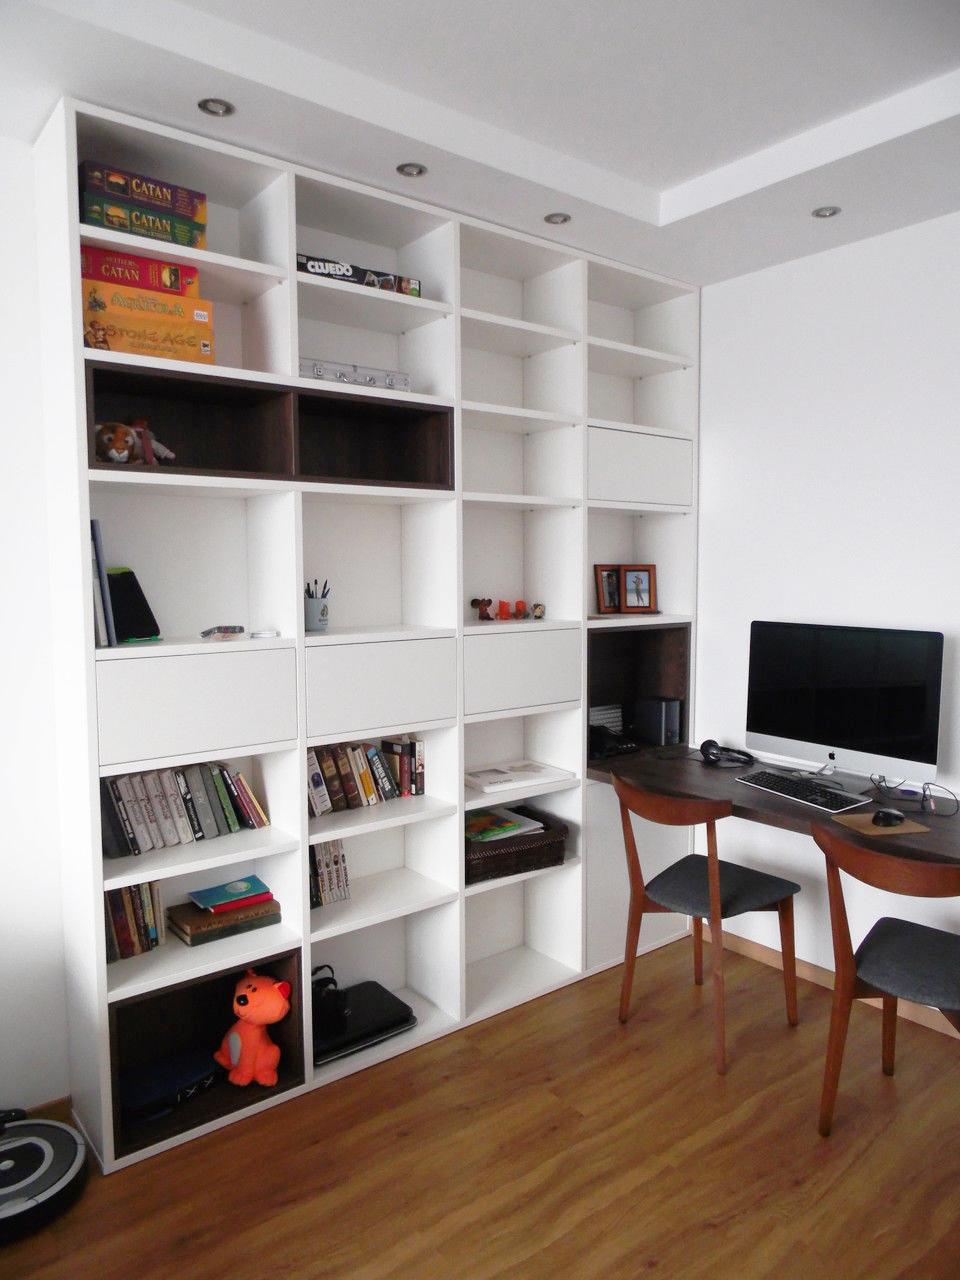 Угол квартиры можно оборудовать под кабинет